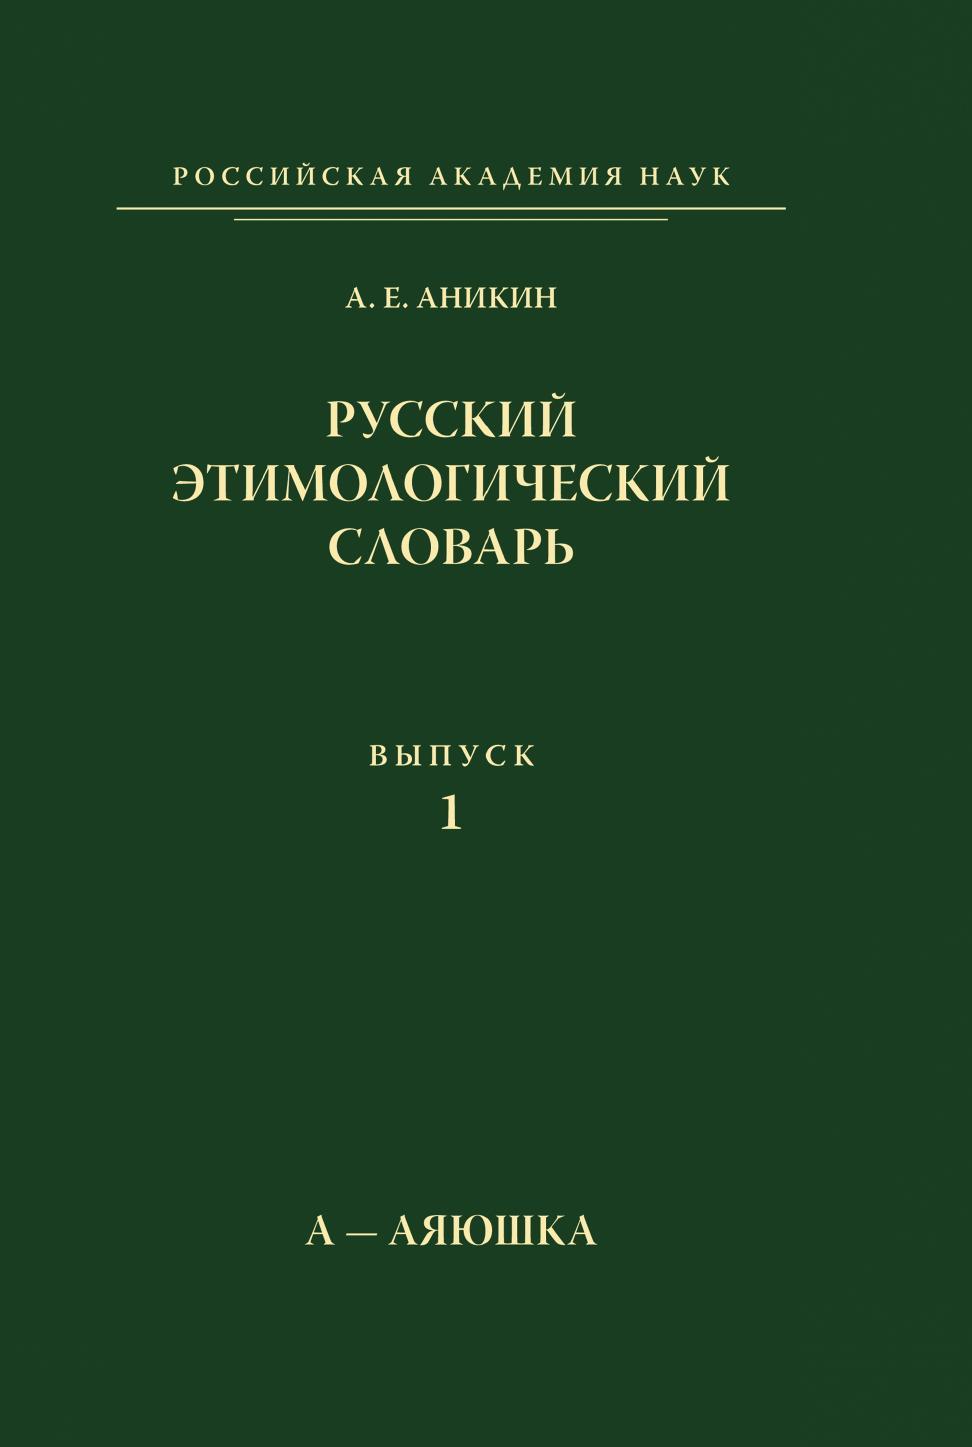 А.Е. Аникин Русский этимологический словарь. Выпуск 1. А-Аяюшка цена